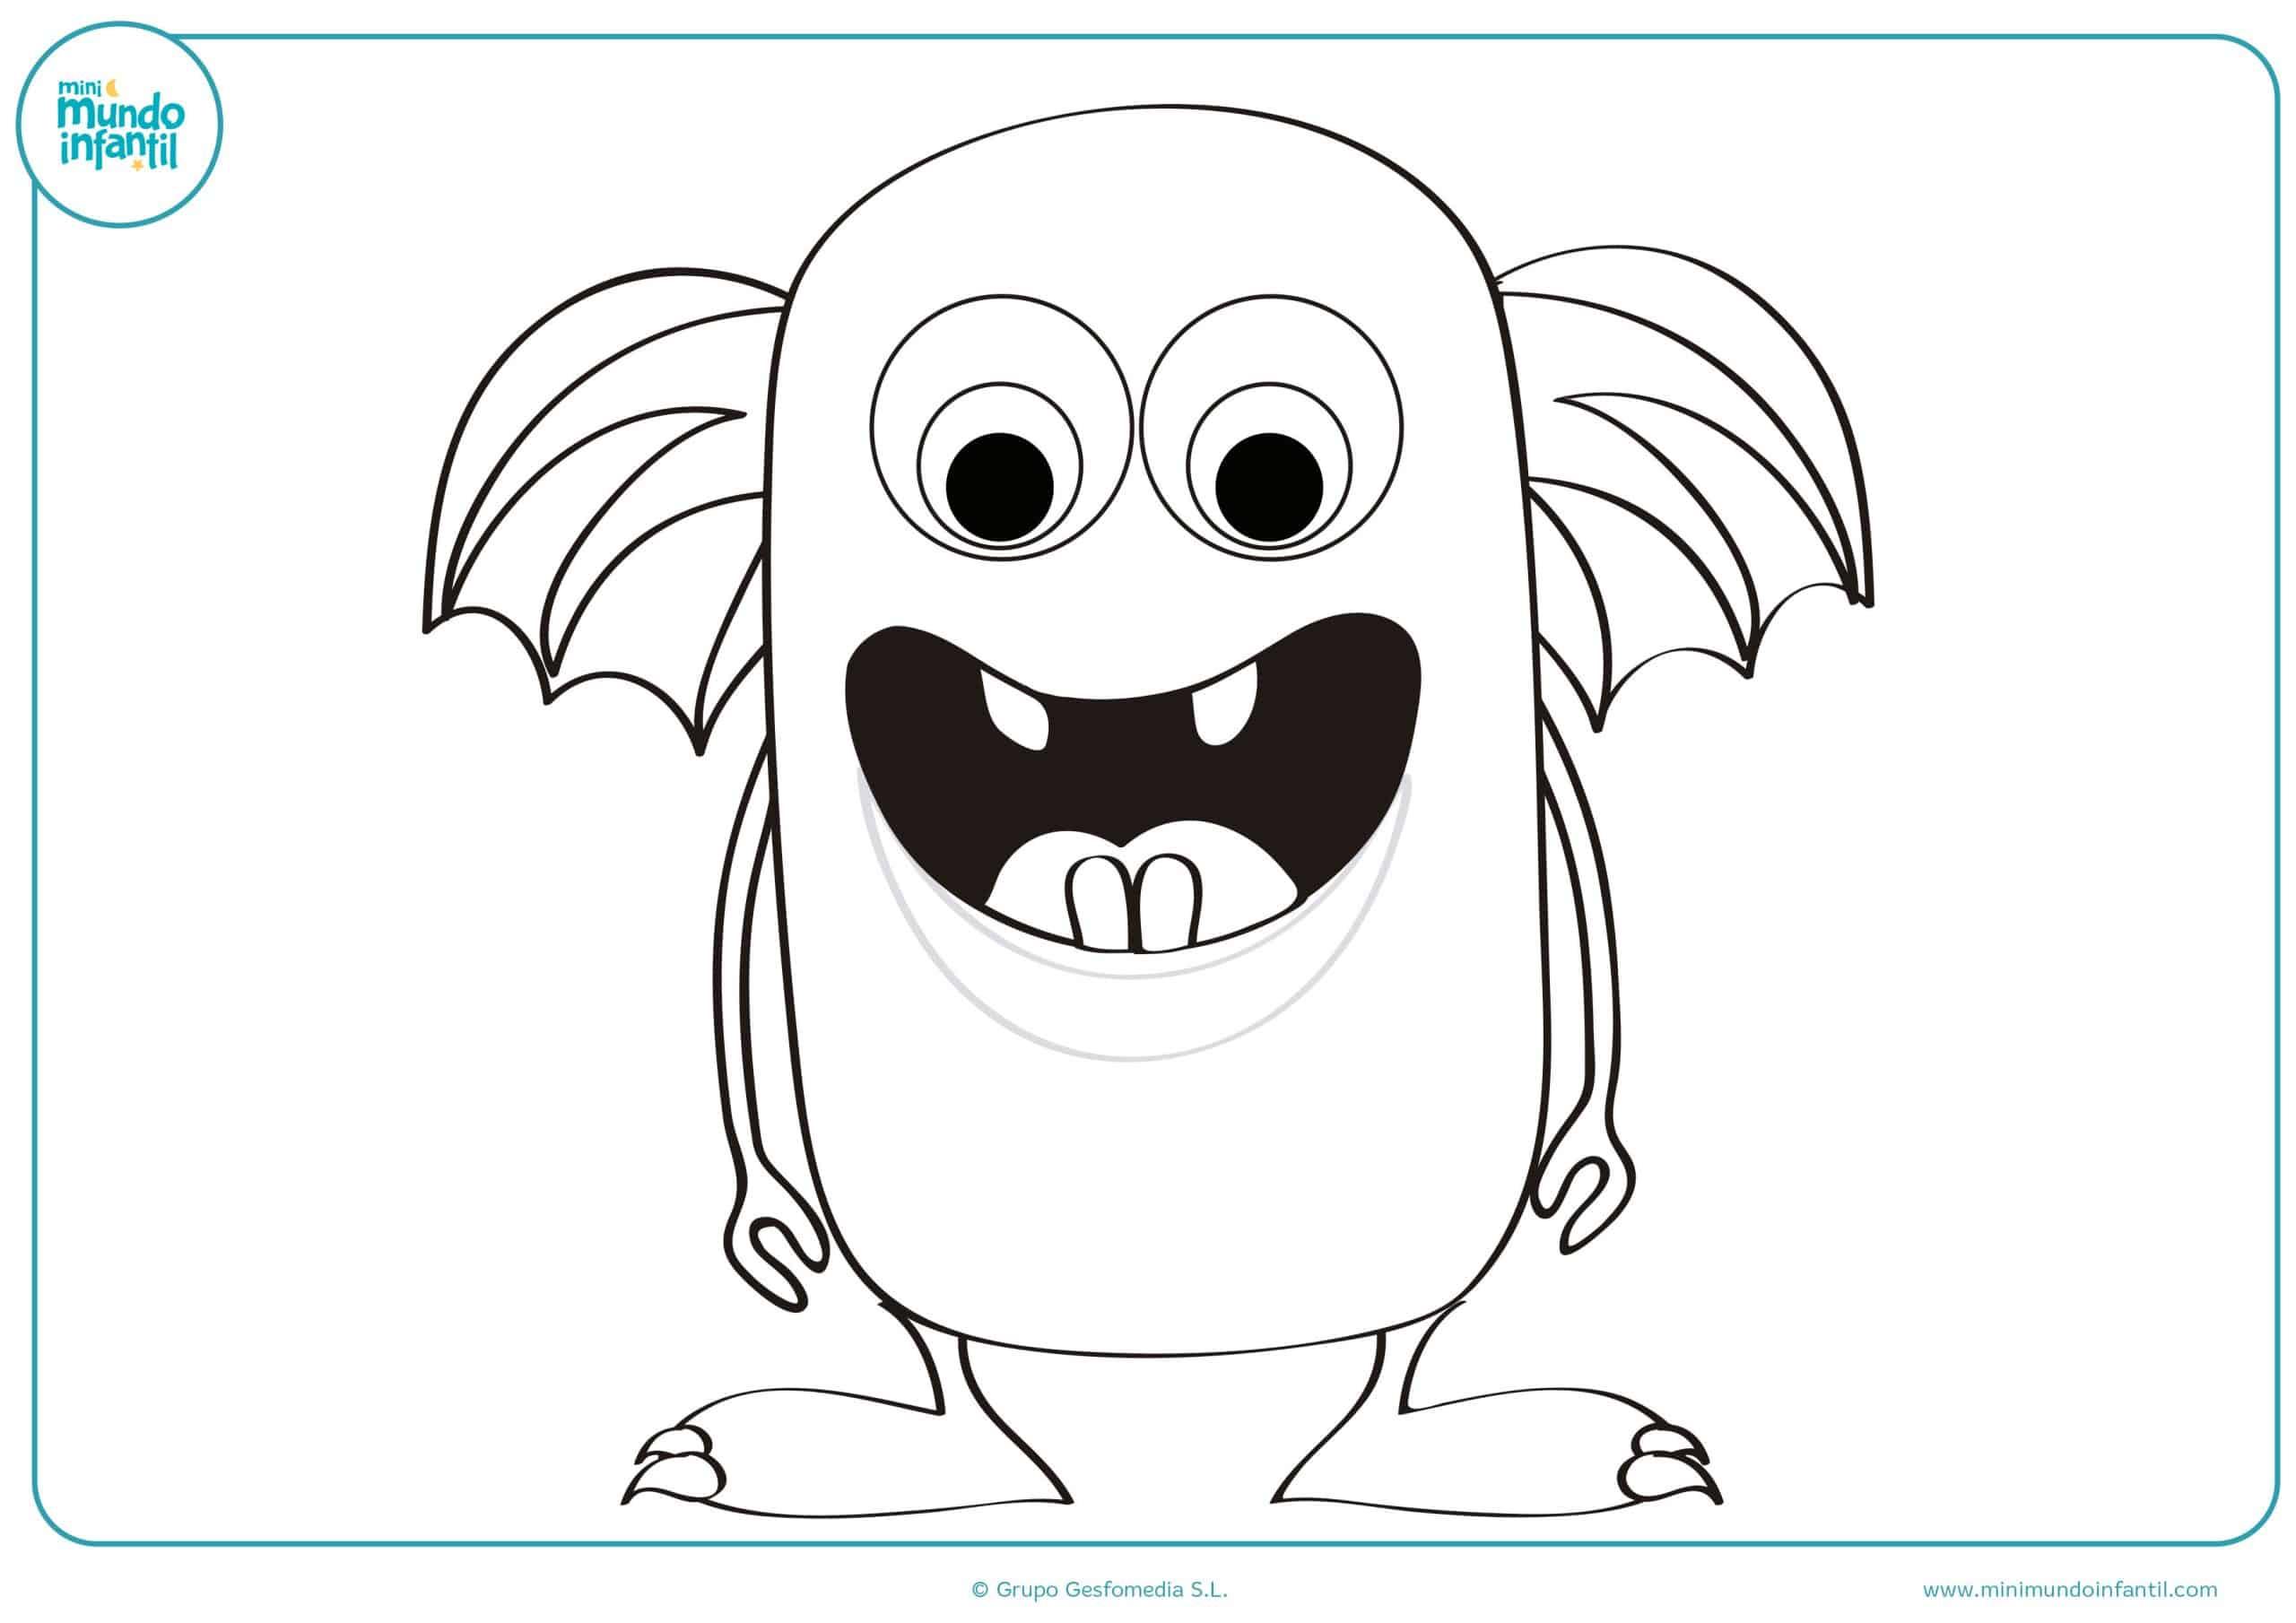 Imagenes De Niños Para Colorear Animados: Dibujos De Marcianos Para Colorear